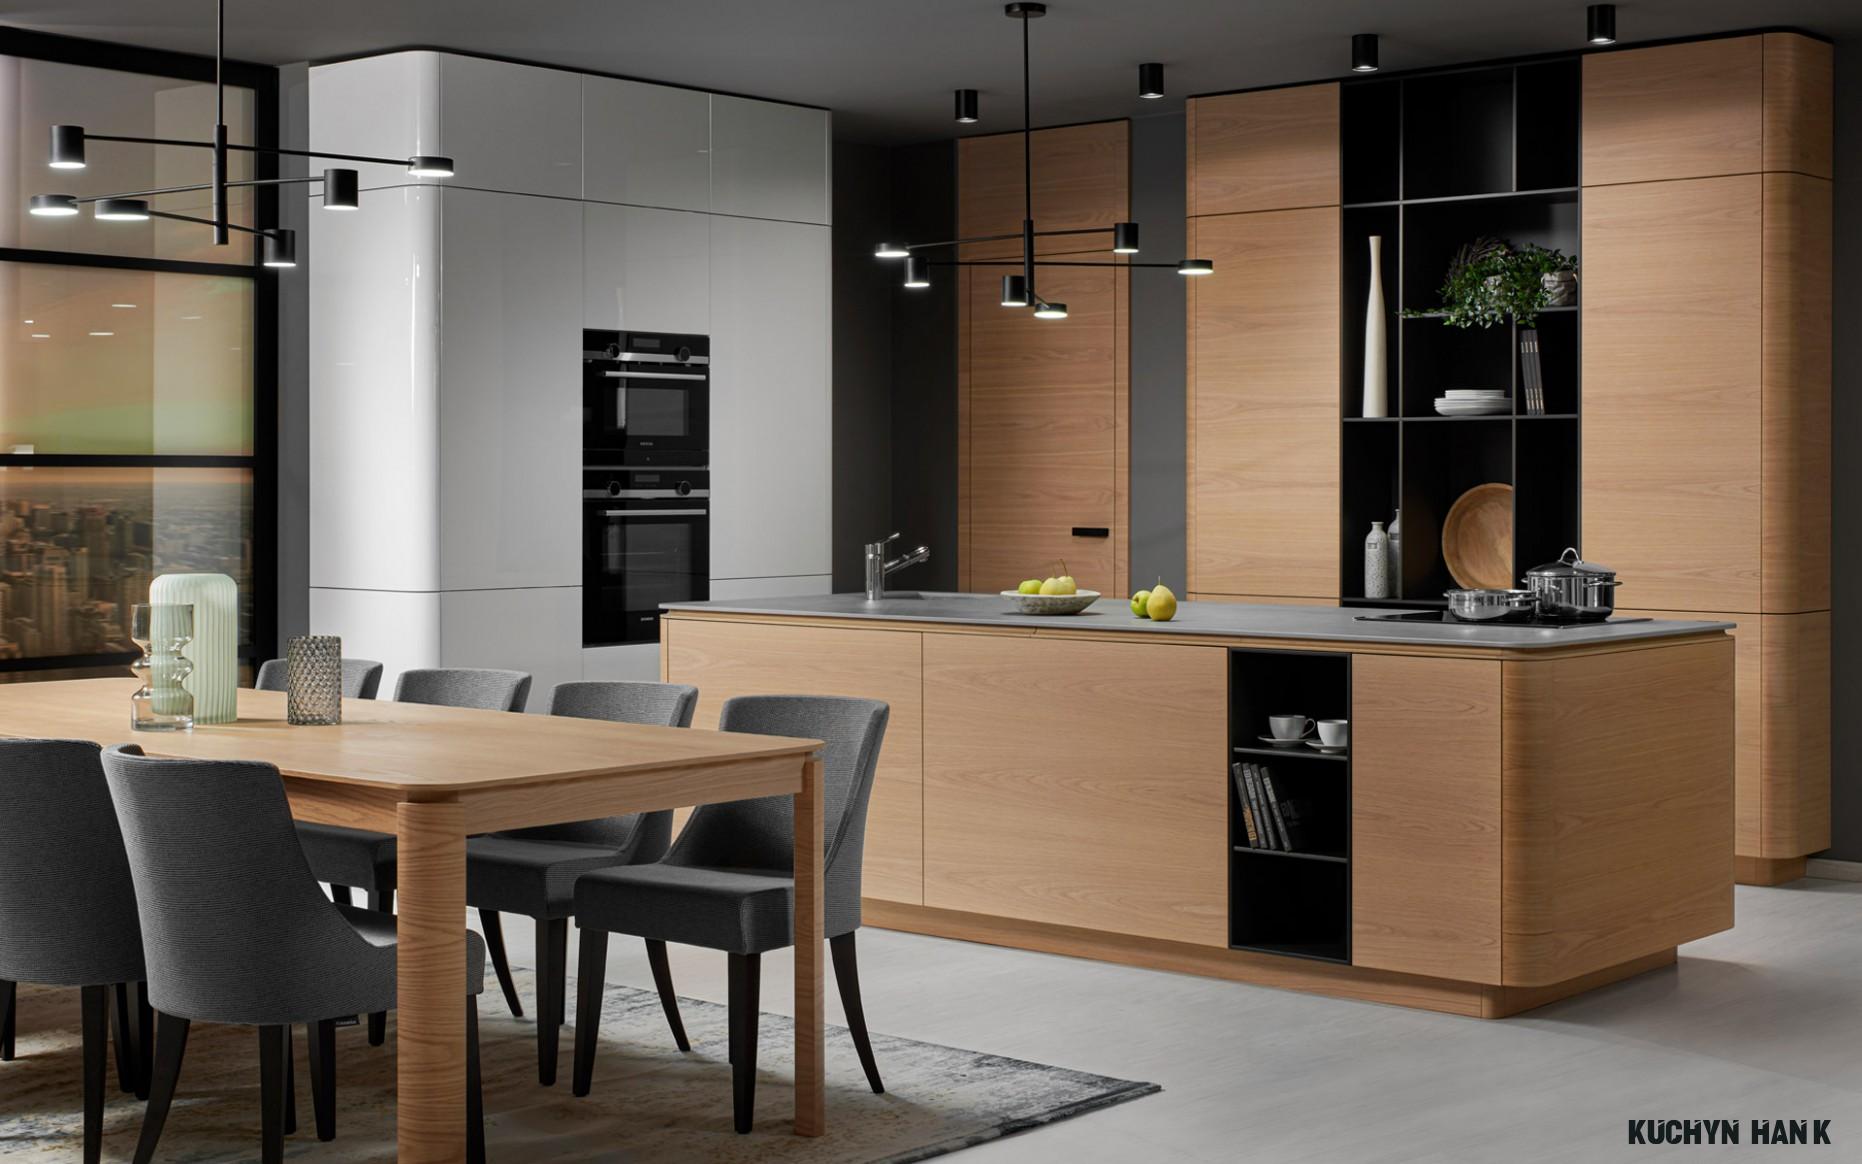 Kuchyně  HANÁK - Moderní kuchyně a kuchyňské linky na míru